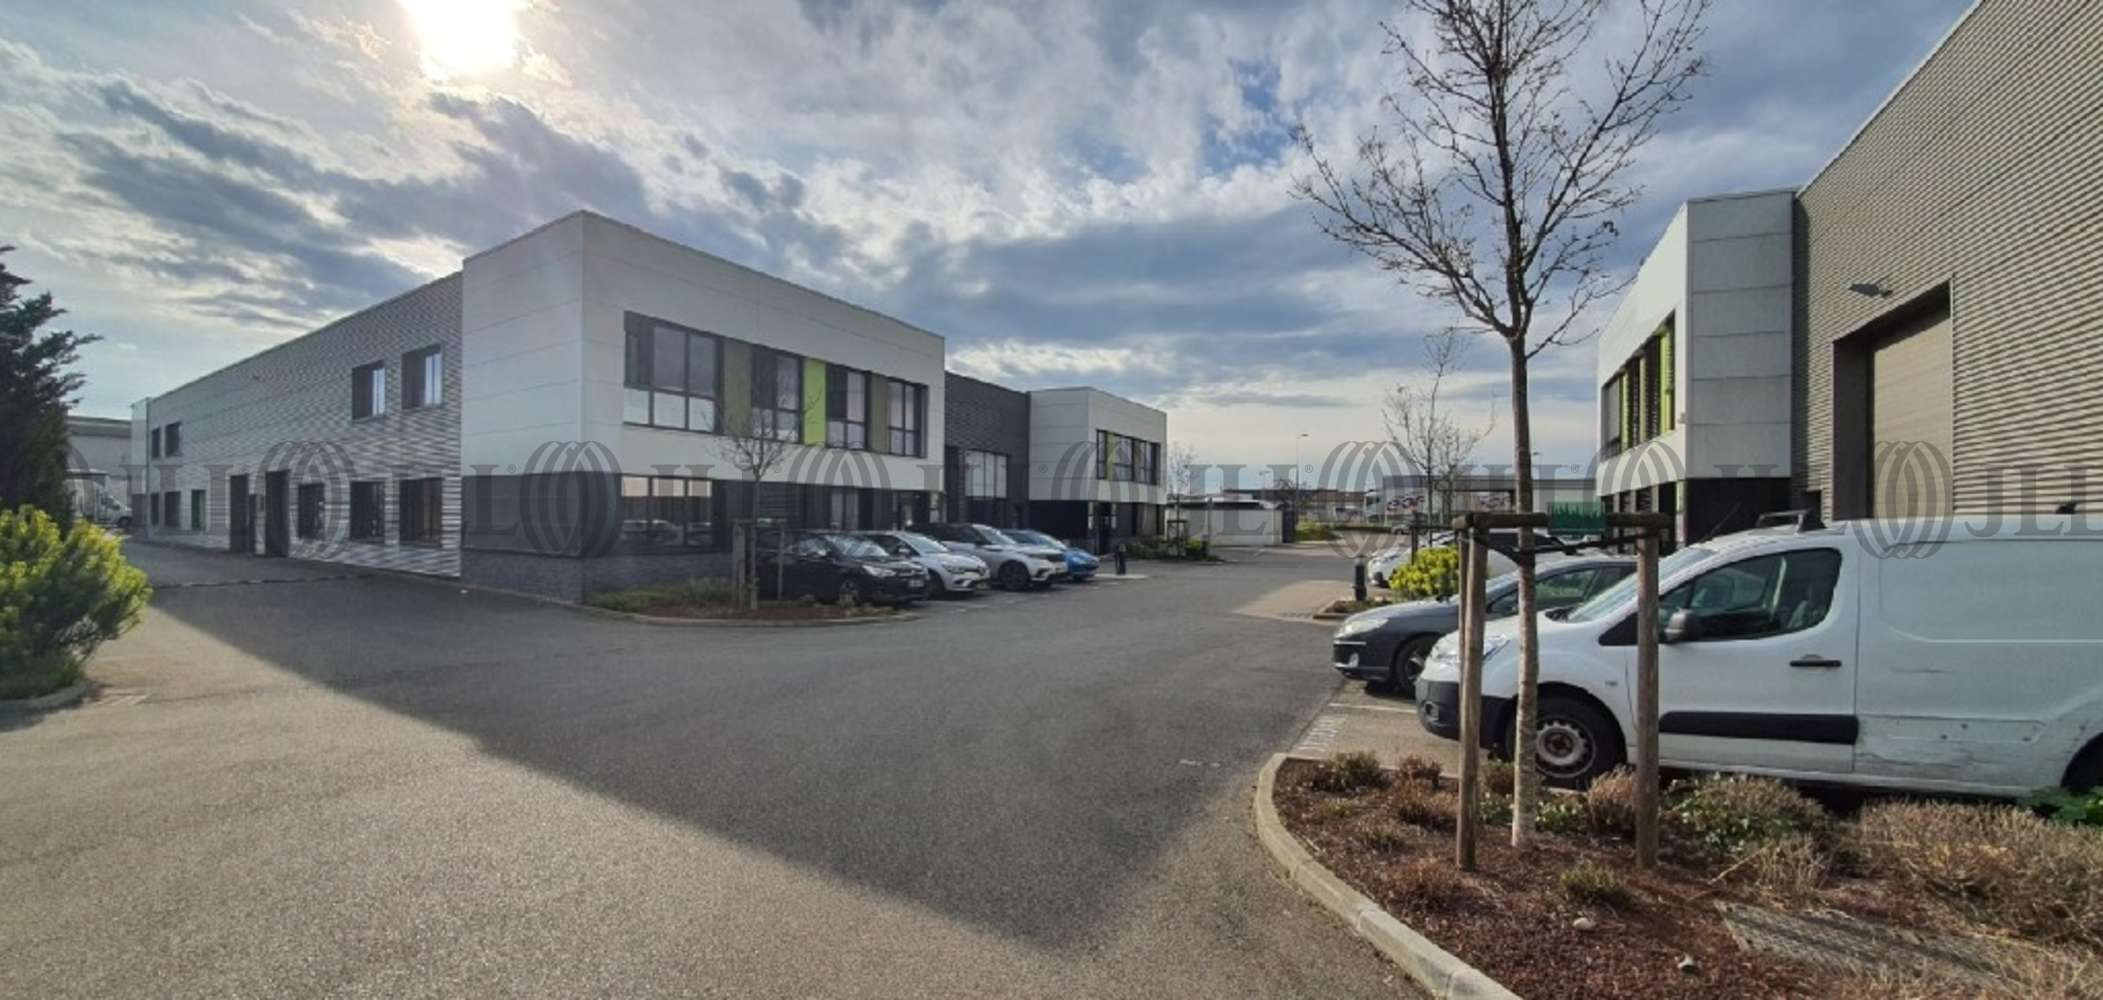 Activités/entrepôt Vaulx en velin, 69120 - Location entrepot Vaulx-en-Velin - Rhône - 10928543